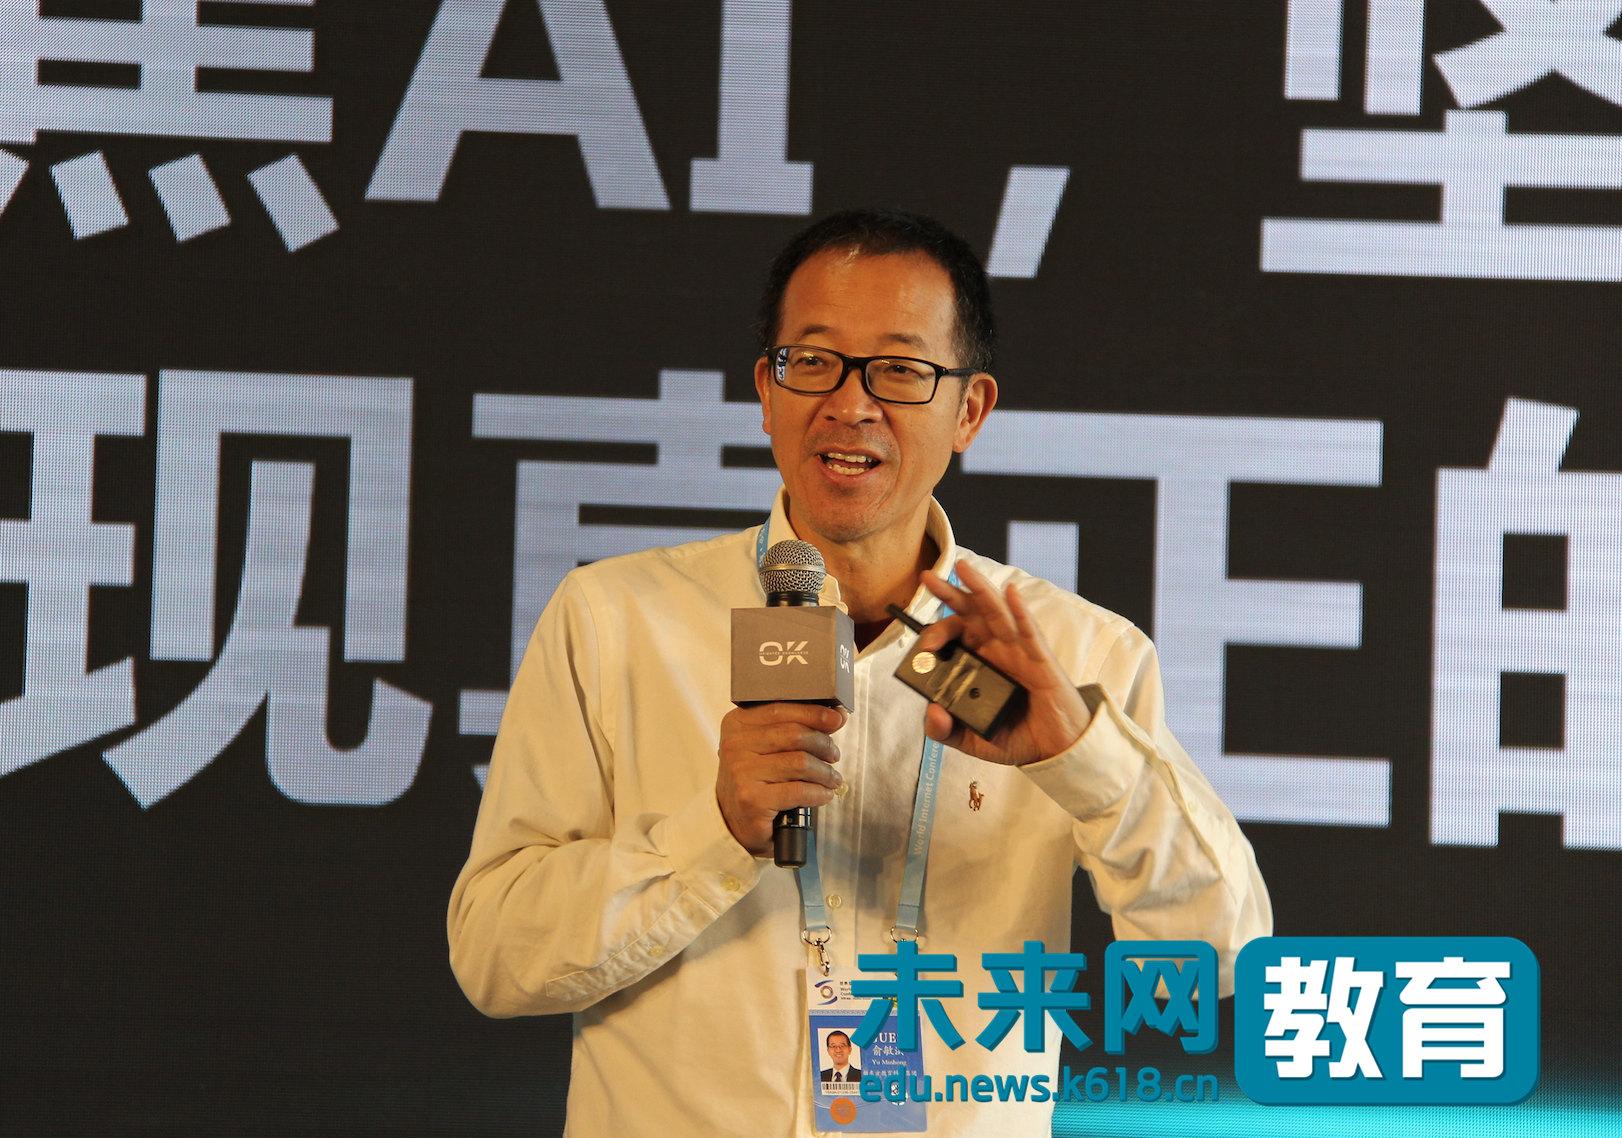 俞敏洪:科技再发达不可能全部解决孩子成长问题